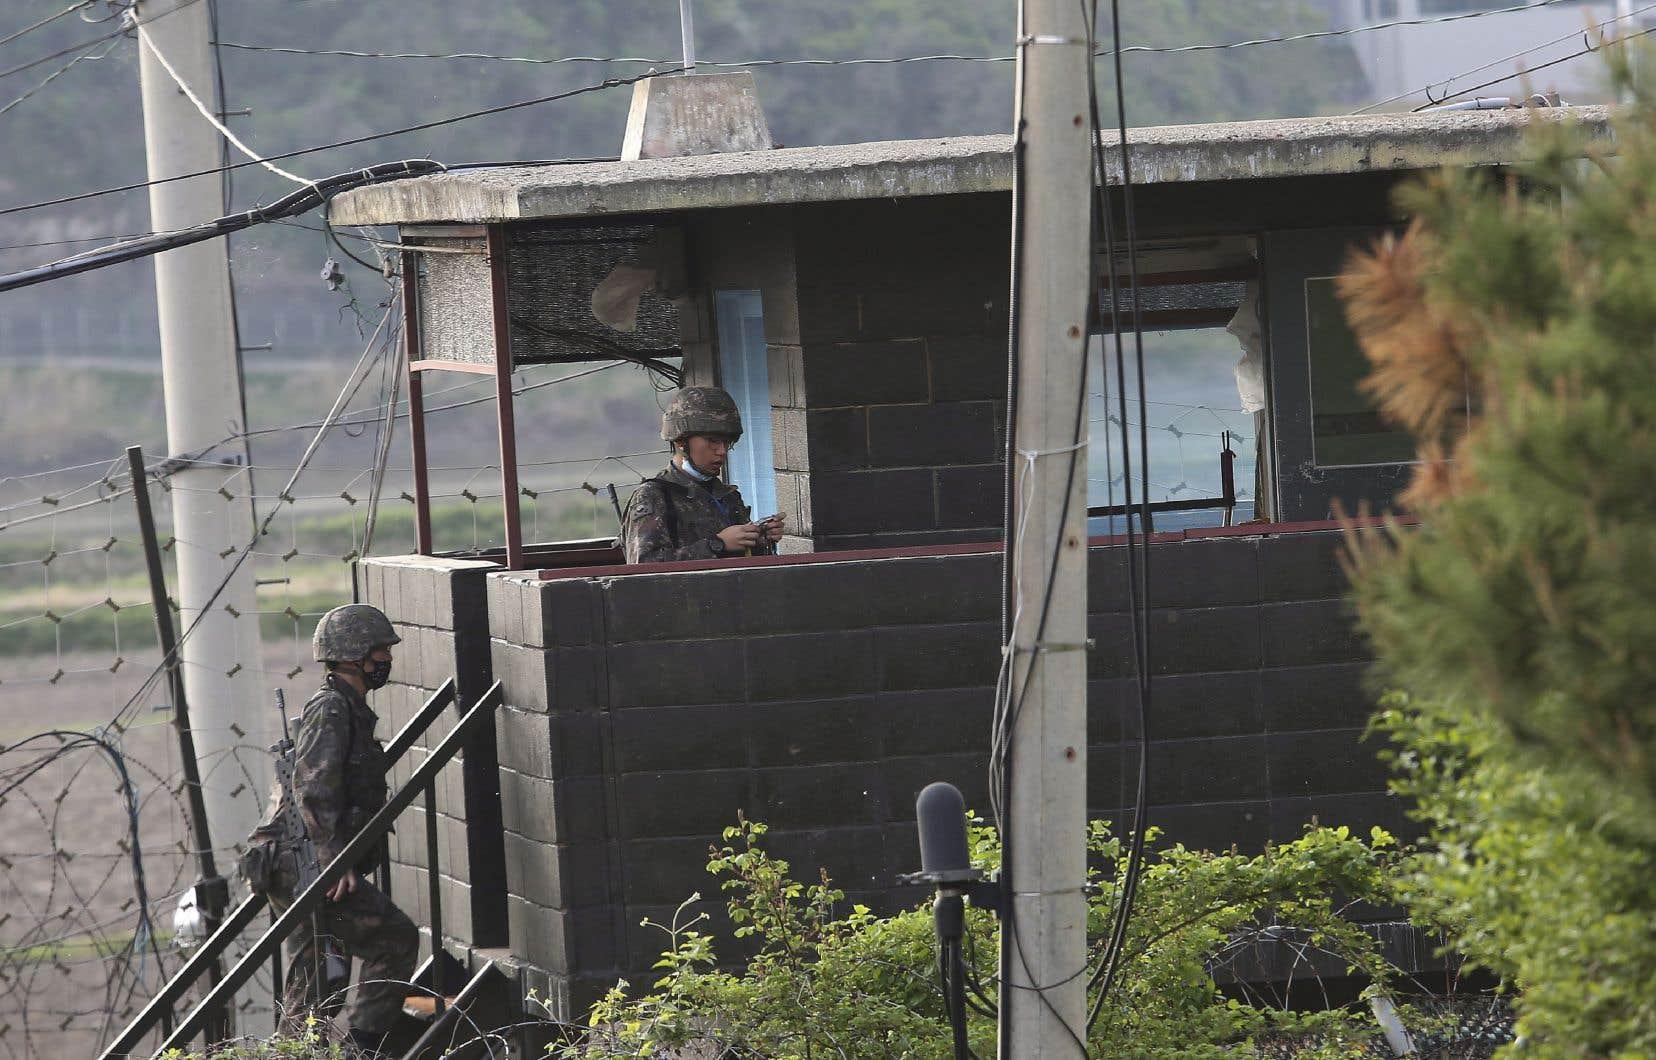 Les deux pays sont encore techniquement en guerre depuis l'armistice ayant mis fin à la Guerre de Corée en 1953.